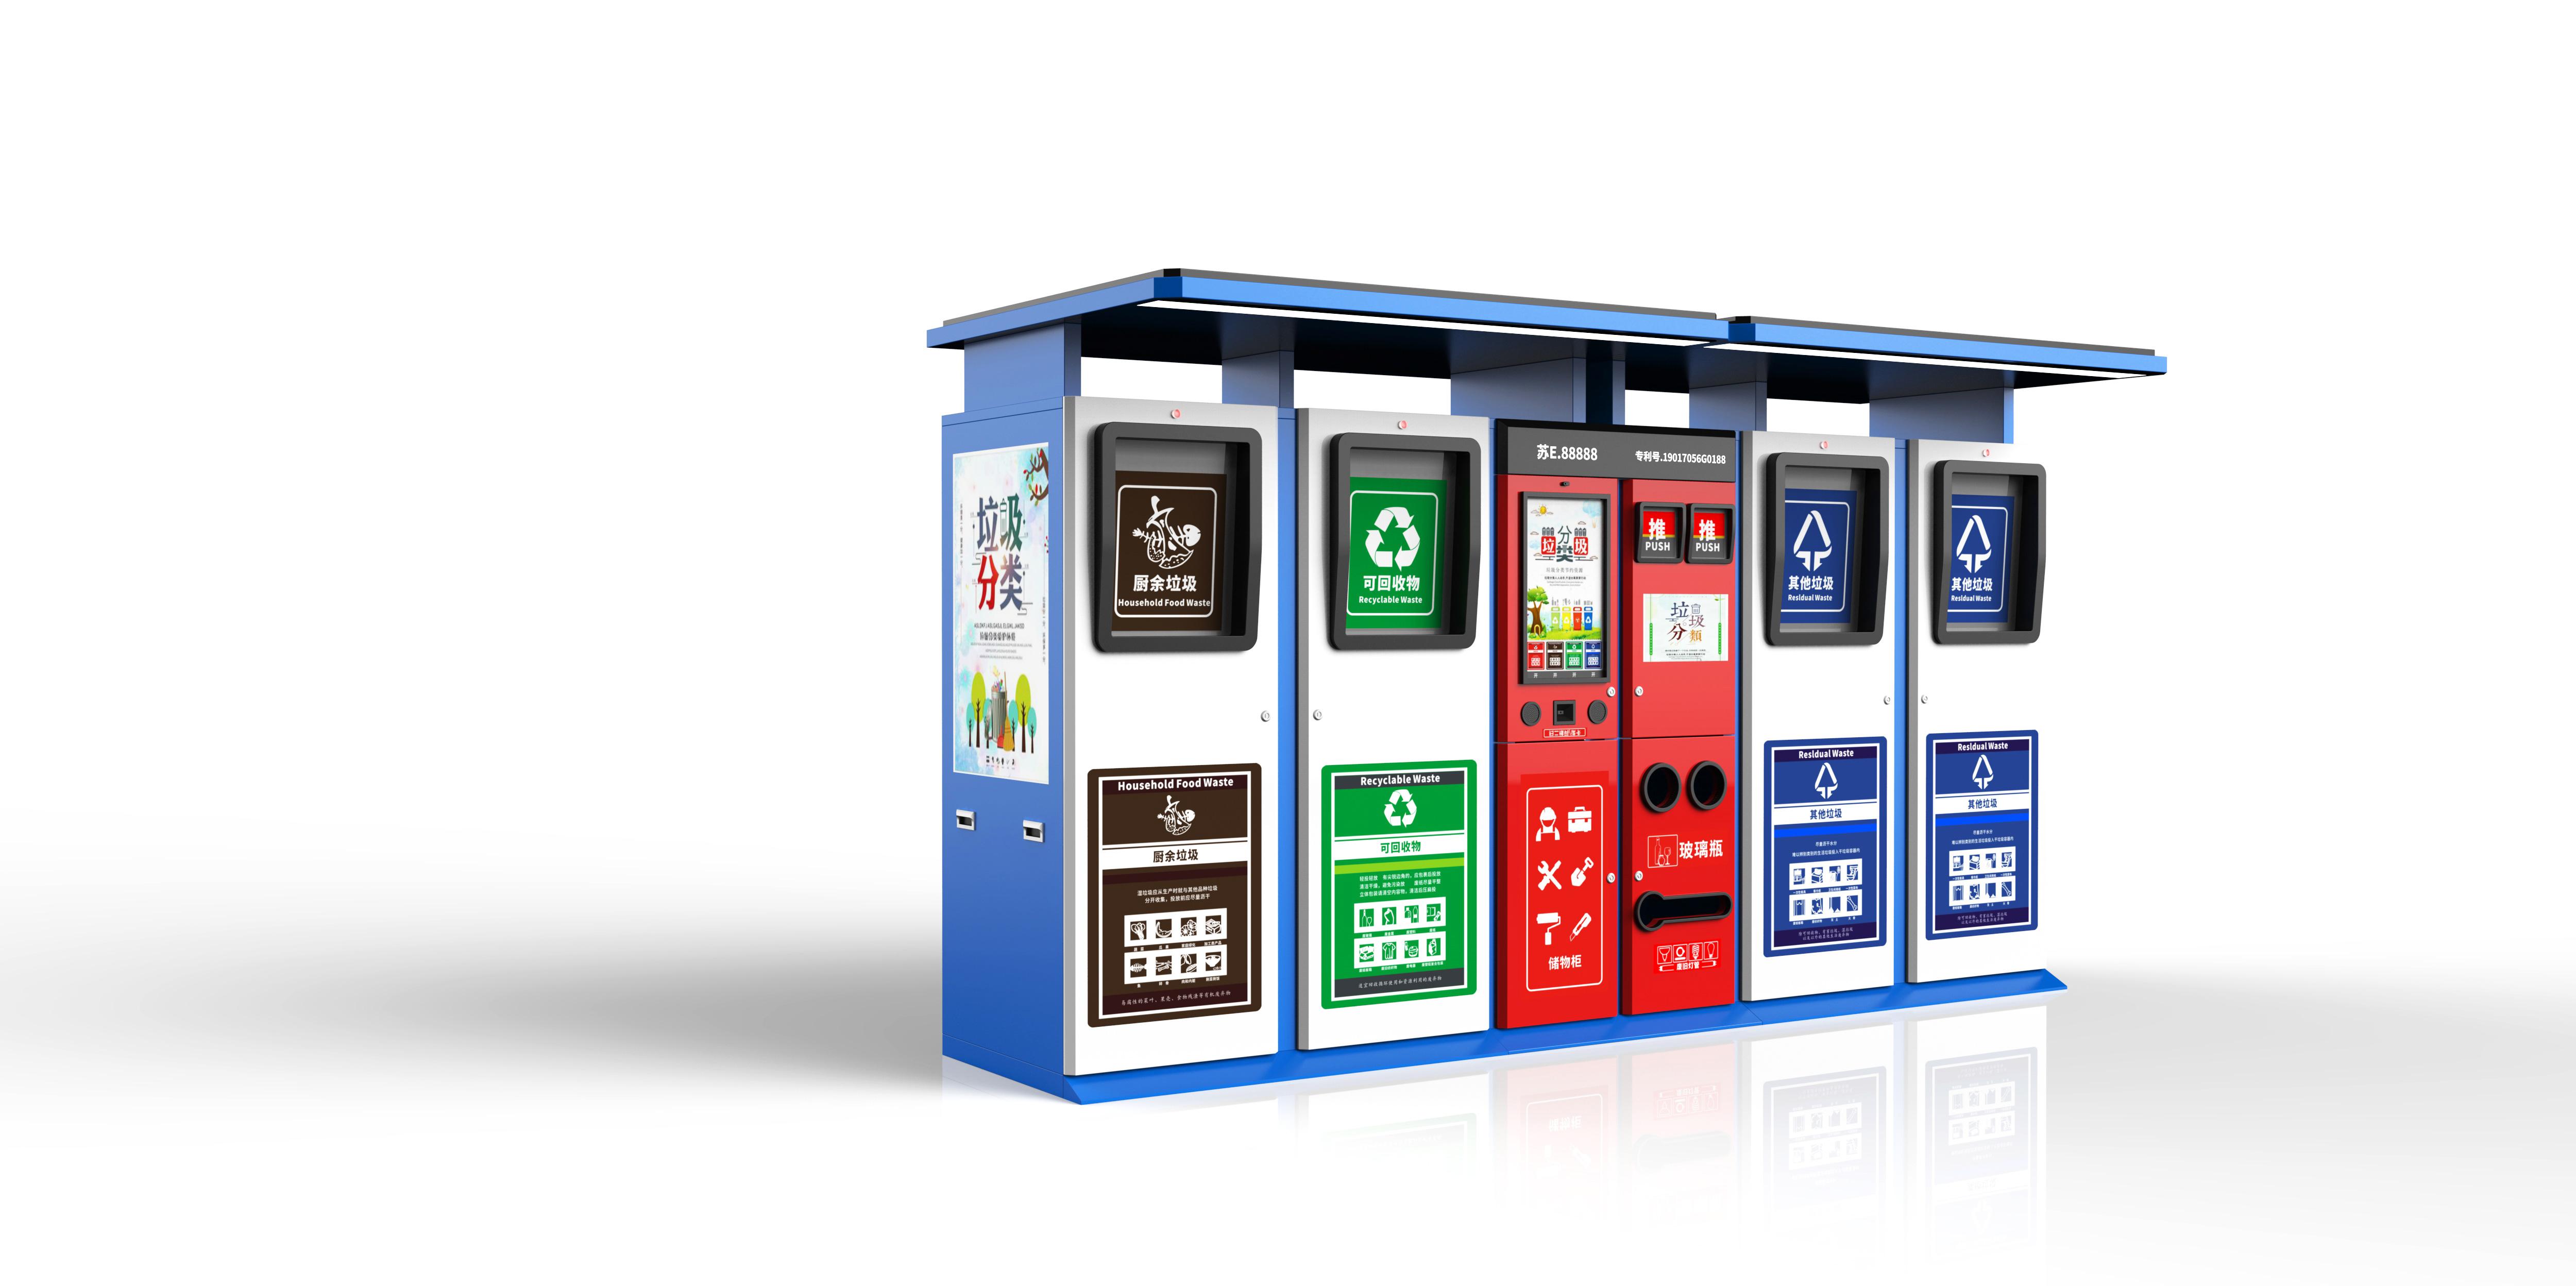 分类智能垃圾箱便宜 诚信服务「苏州迈利智机械设备供应」